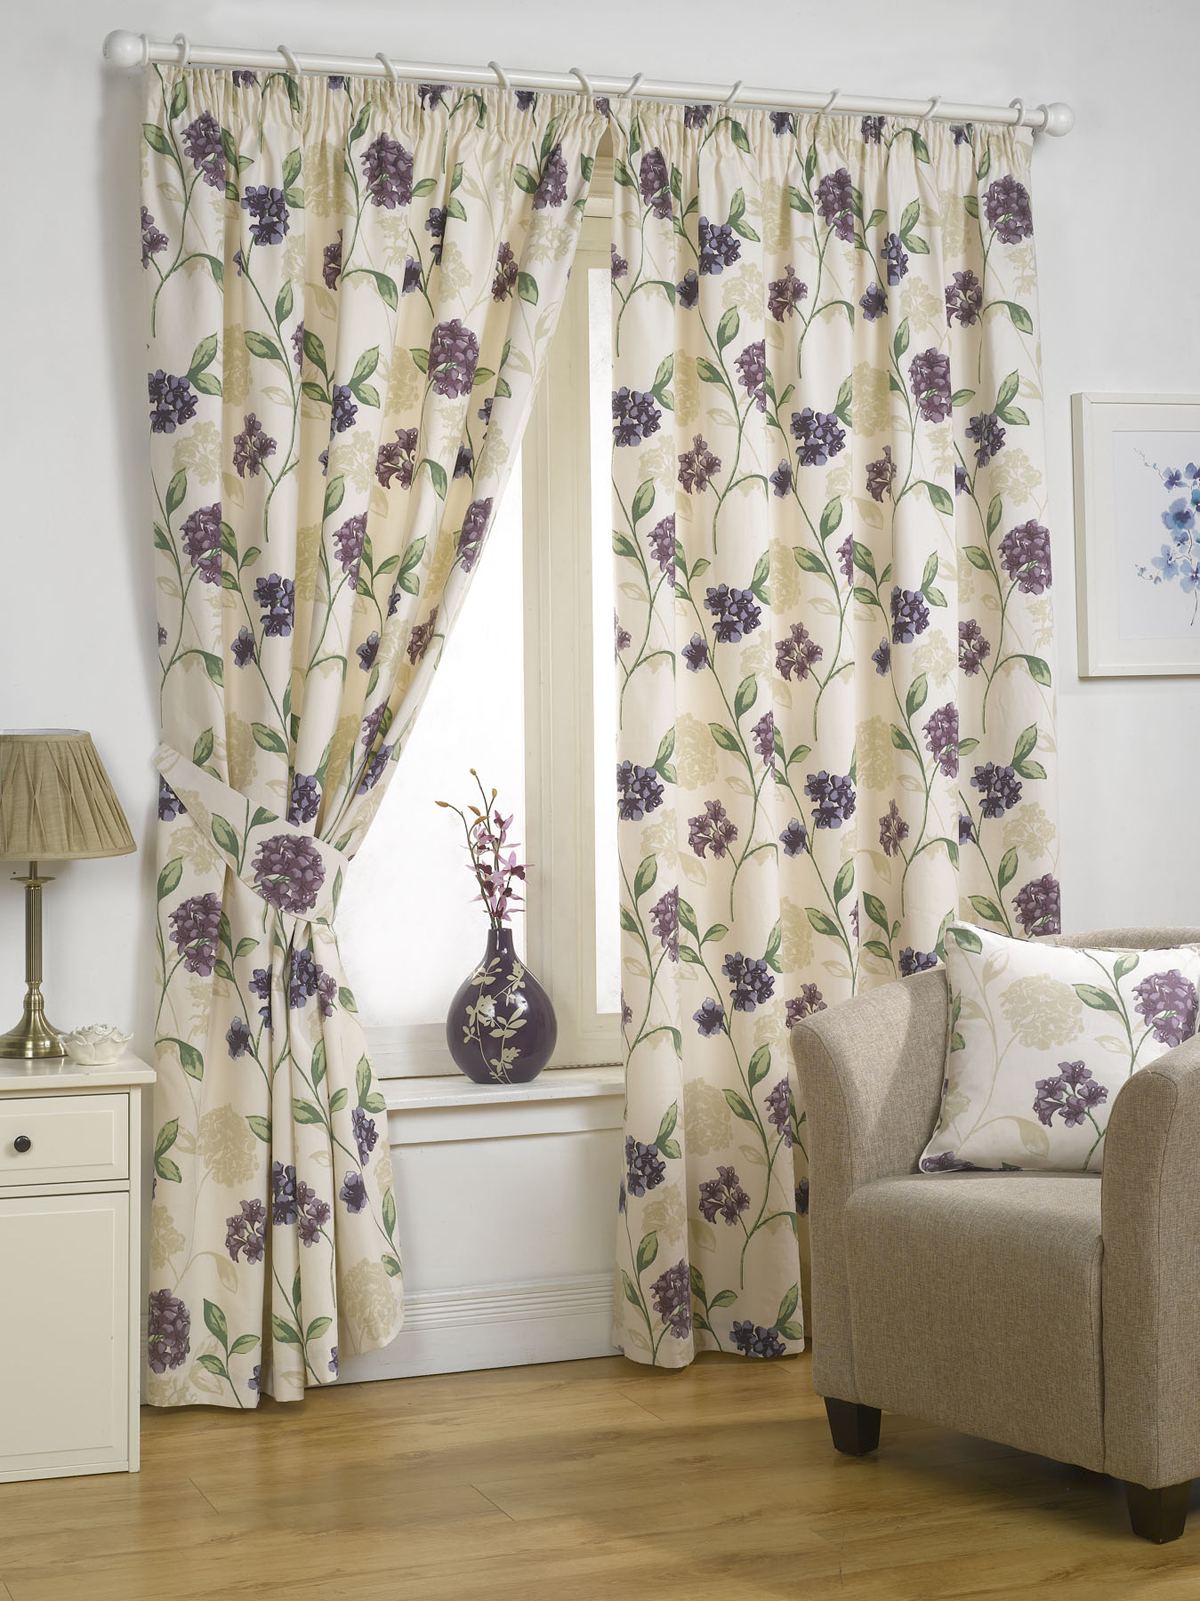 rideaux enti rment doubl s fleurs design accessoires. Black Bedroom Furniture Sets. Home Design Ideas